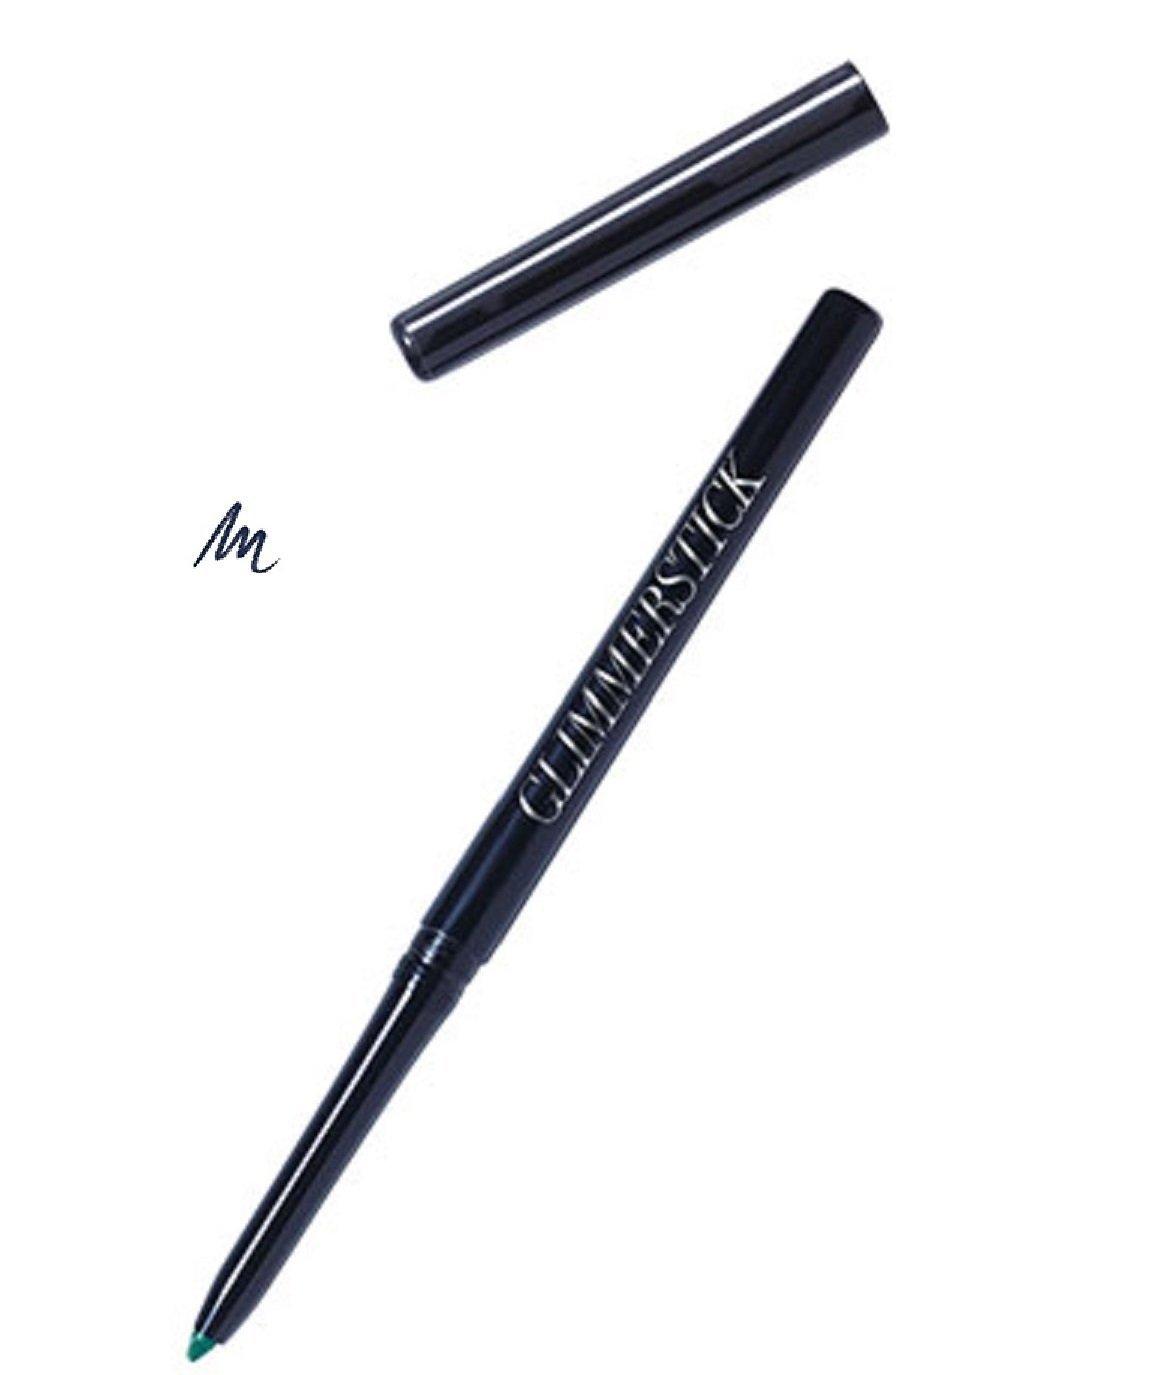 Avon Glimmerstick Waterproof Eyeliner NAVY - no need to sharpen